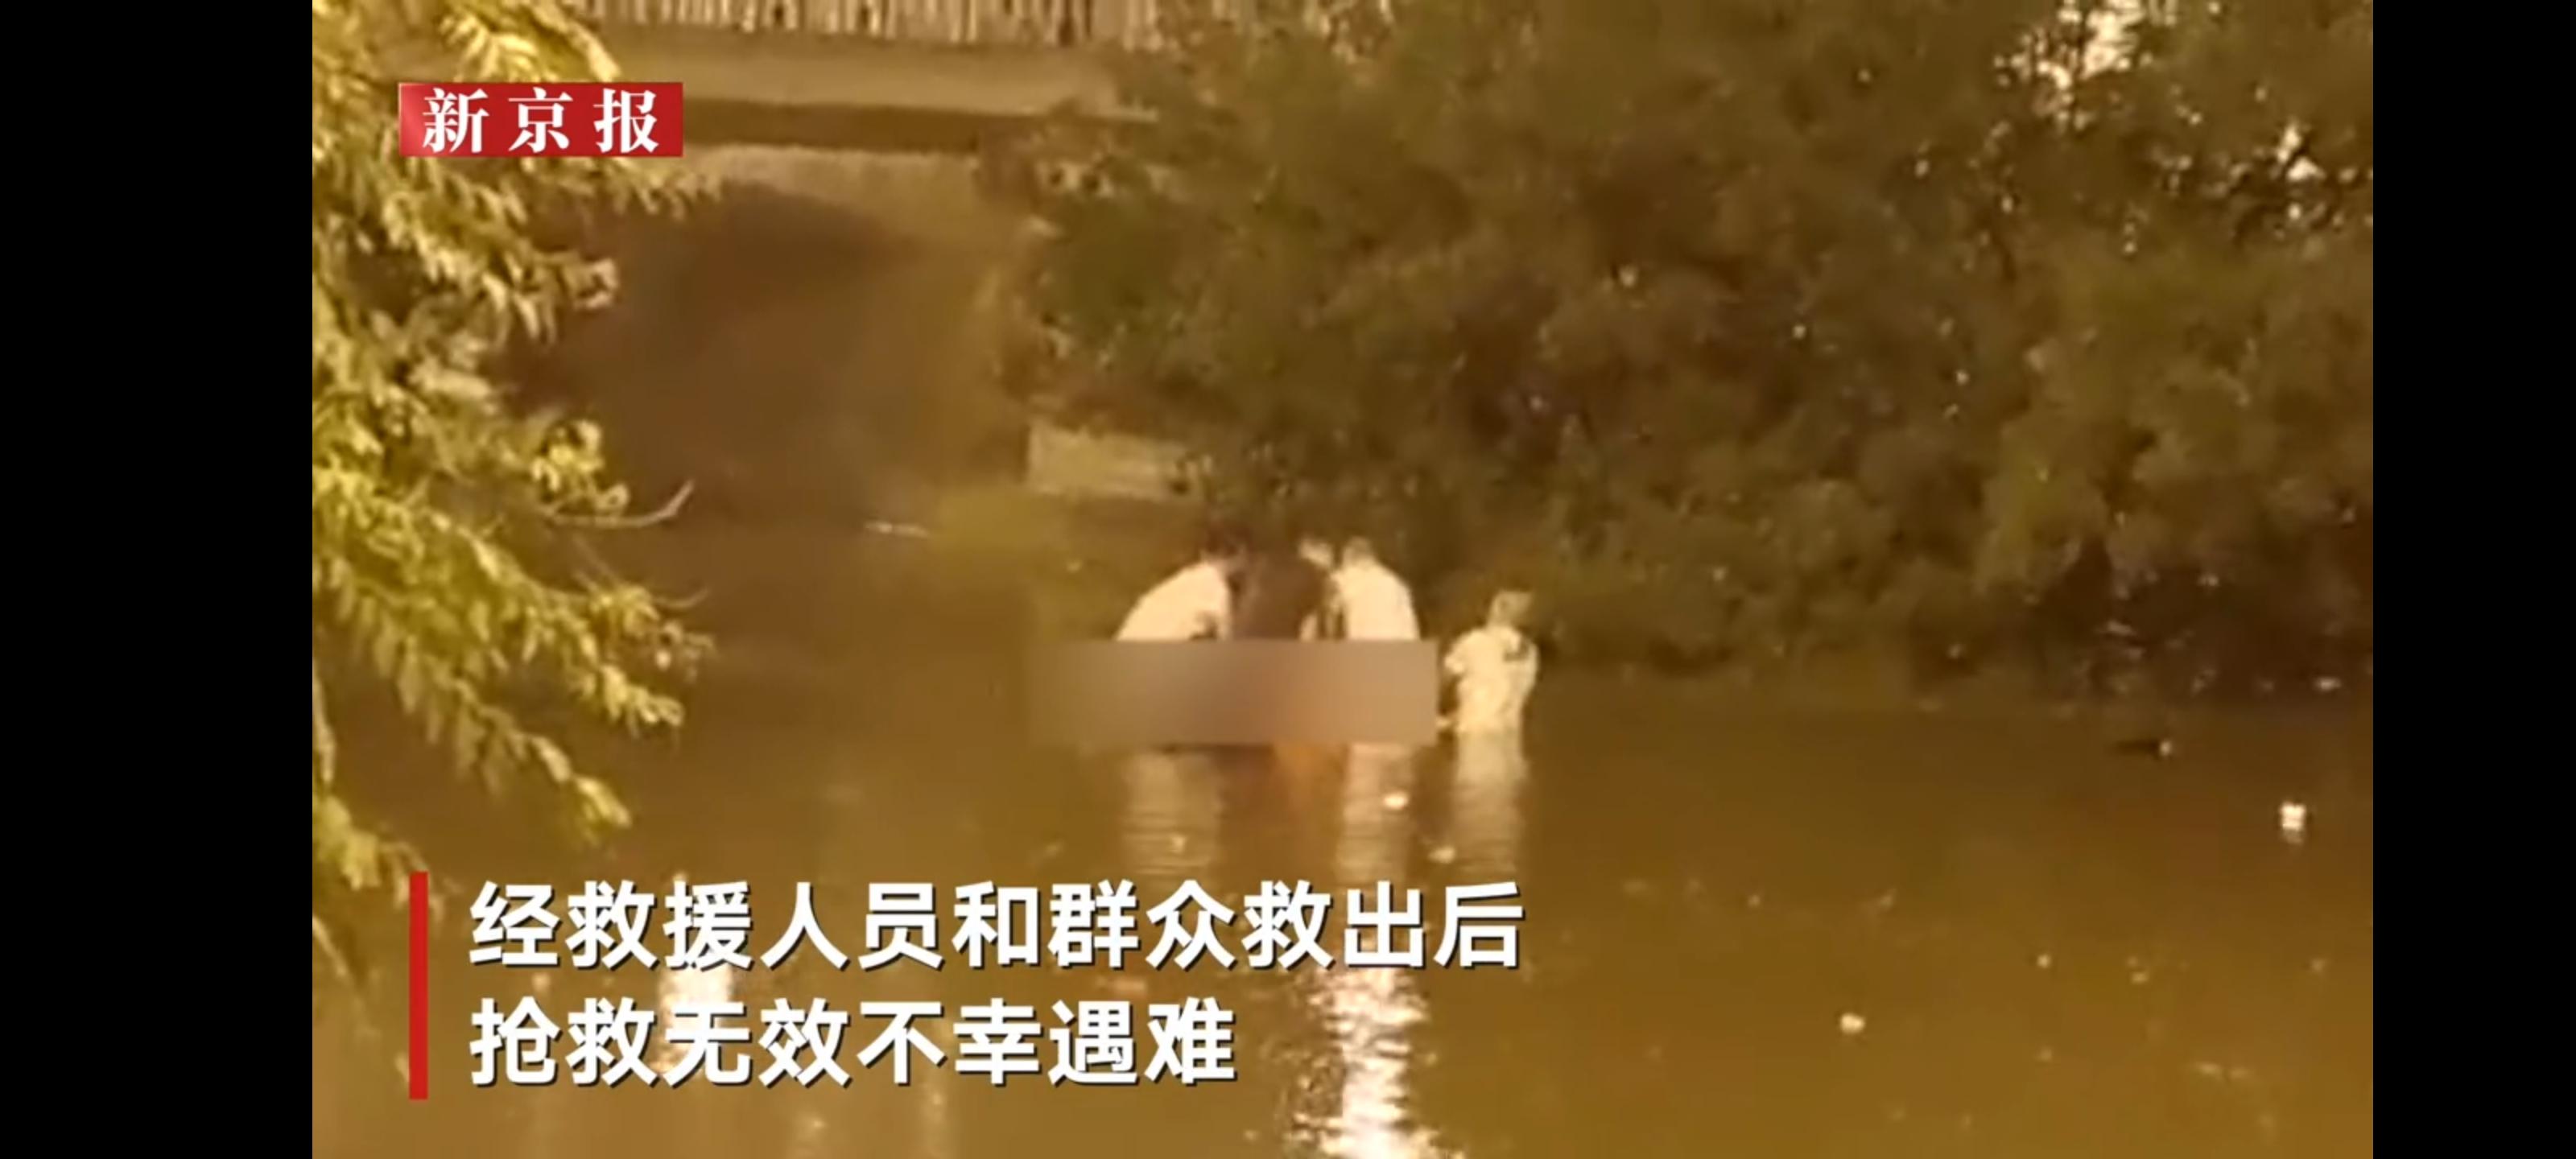 北京铁路桥被淹车救援者:6人救援40分钟,被困者救出时无呼吸